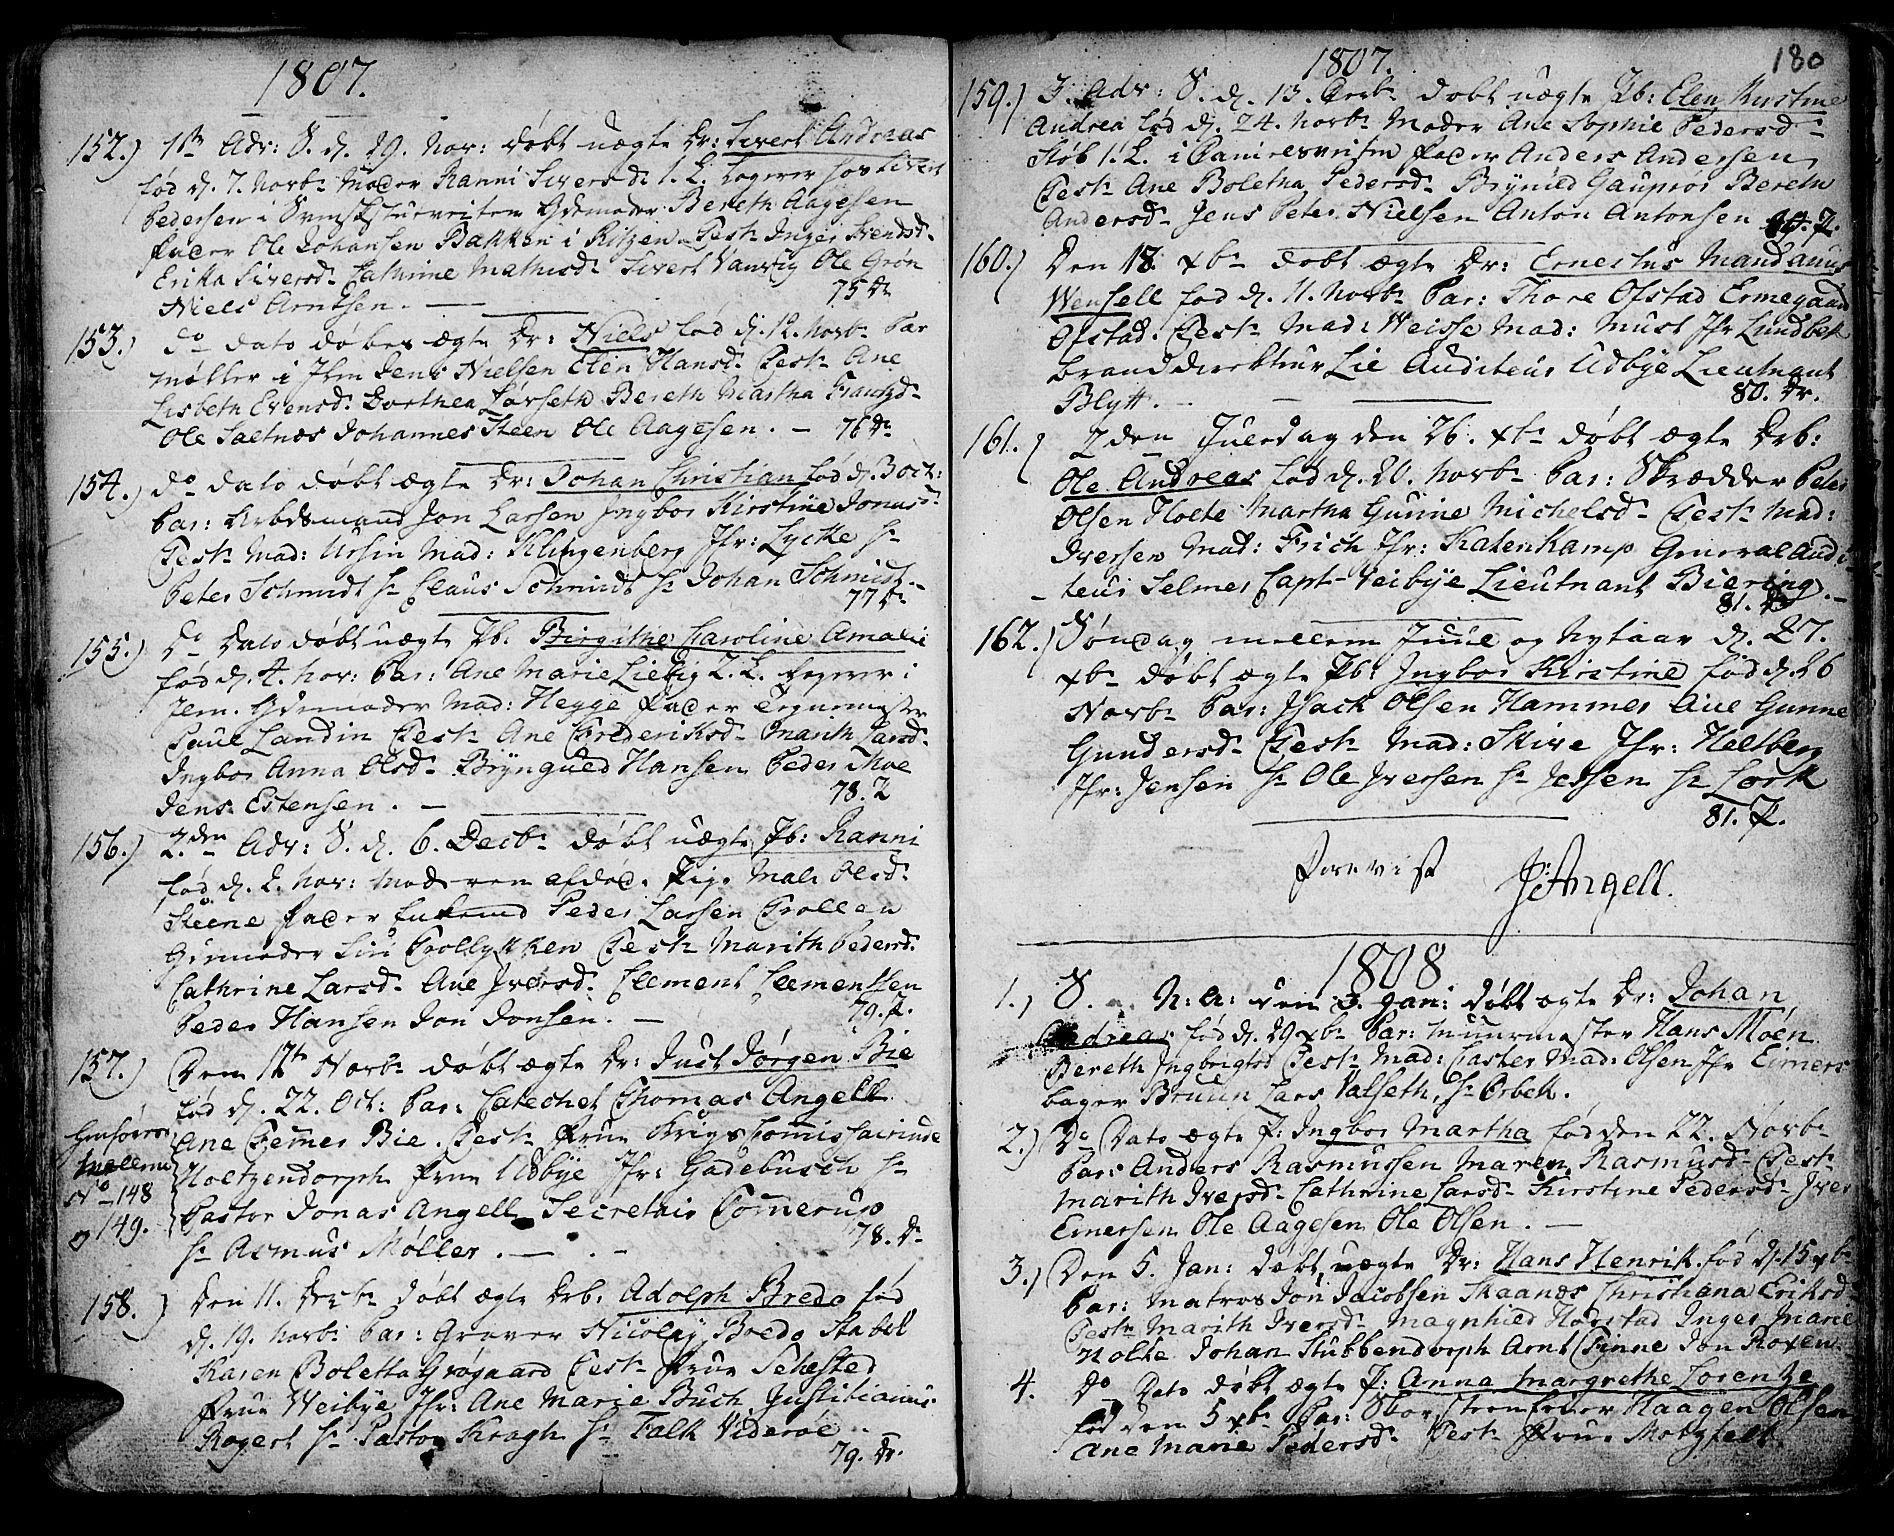 SAT, Ministerialprotokoller, klokkerbøker og fødselsregistre - Sør-Trøndelag, 601/L0039: Ministerialbok nr. 601A07, 1770-1819, s. 180